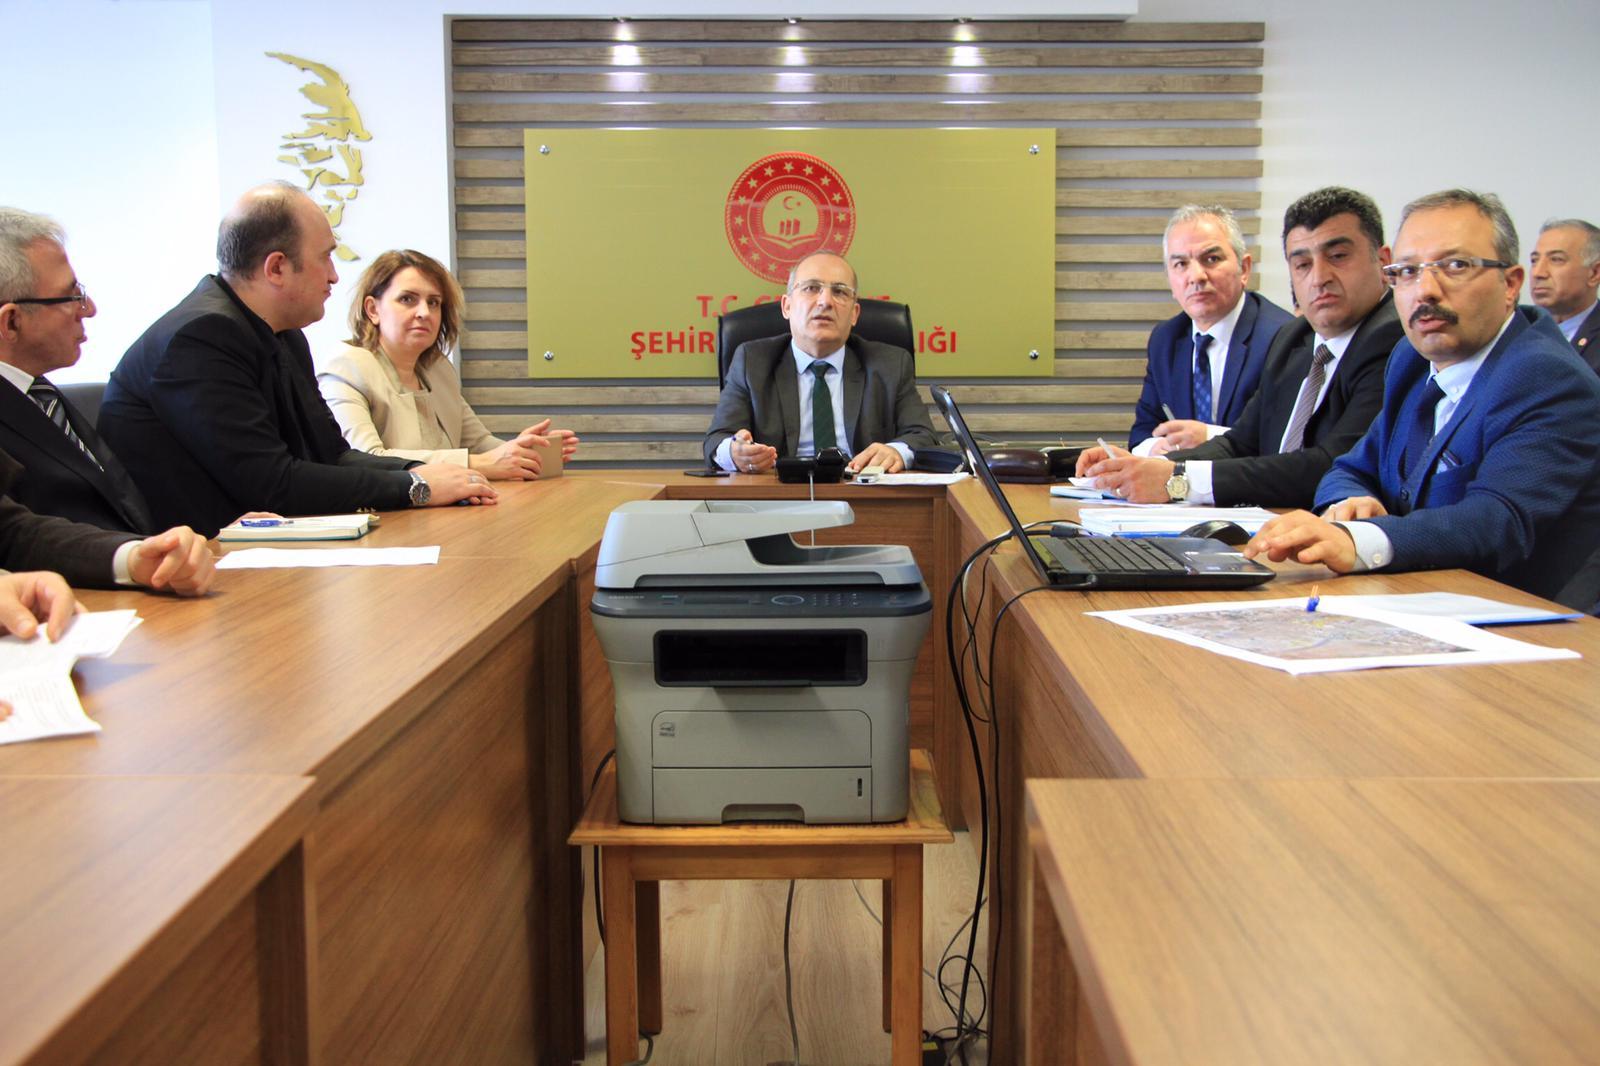 Milli Emlak  Genel Müdür Yardımcımız Mehmet VURAL ile Değerlendirme Toplantısı